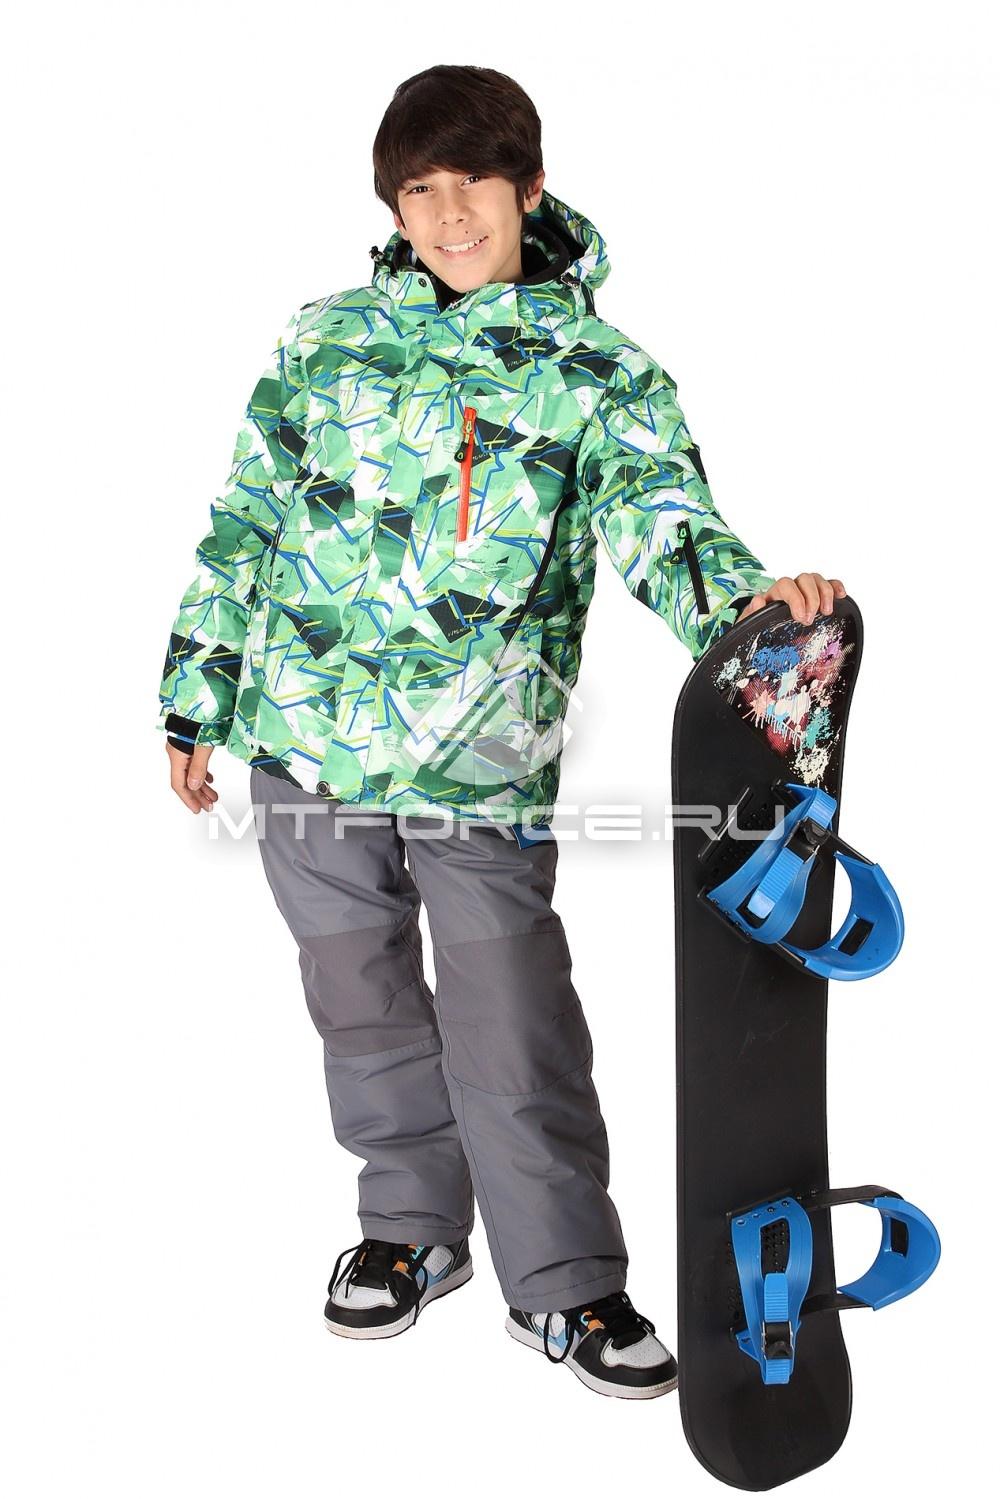 Купить                                  оптом Костюм горнолыжный  для мальчика зеленого цвета 423Z